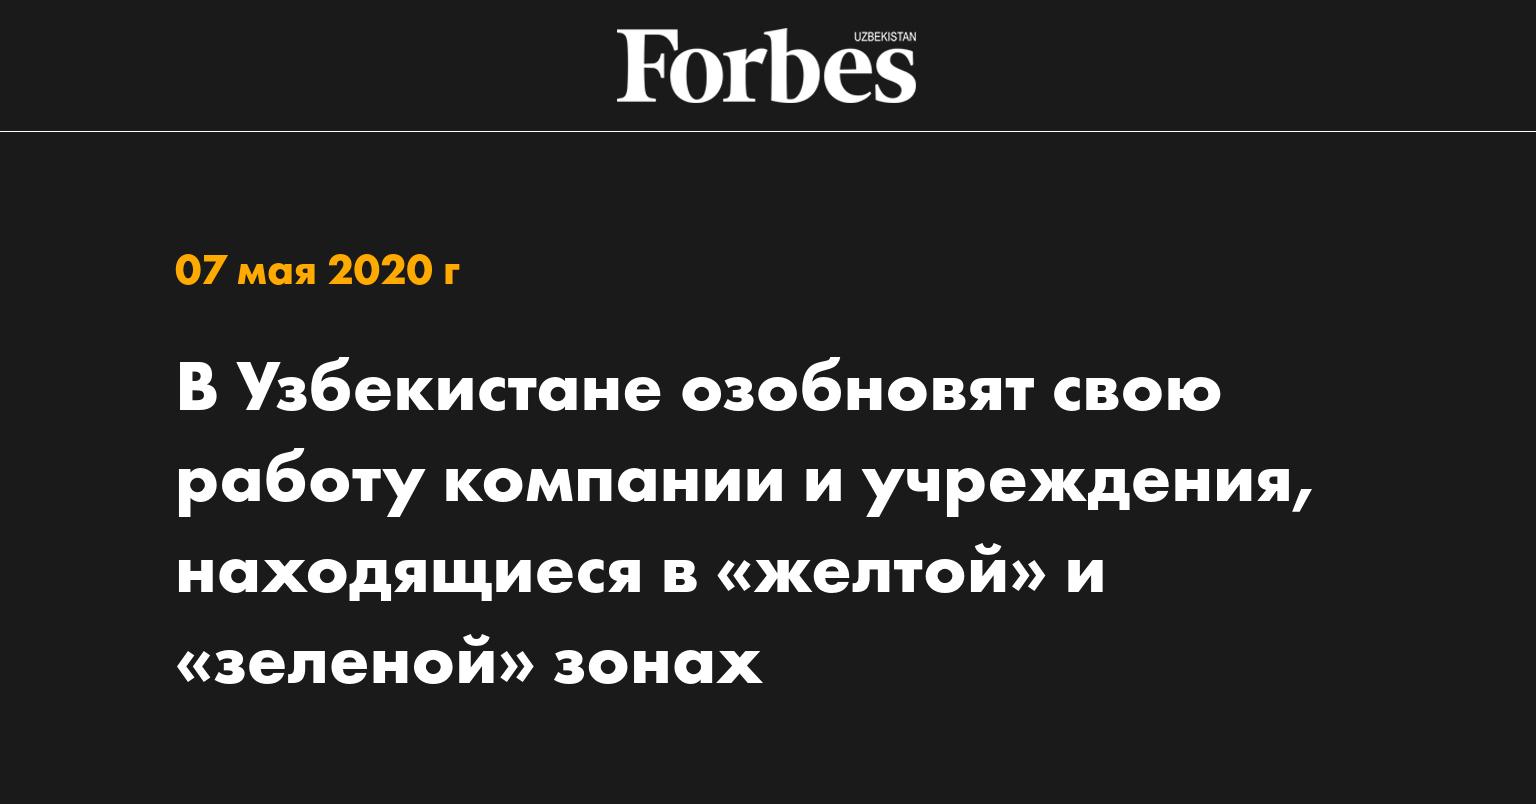 В Узбекистане возобновят работу компании и учреждения, находящиеся в «желтой» и «зеленой» зонах